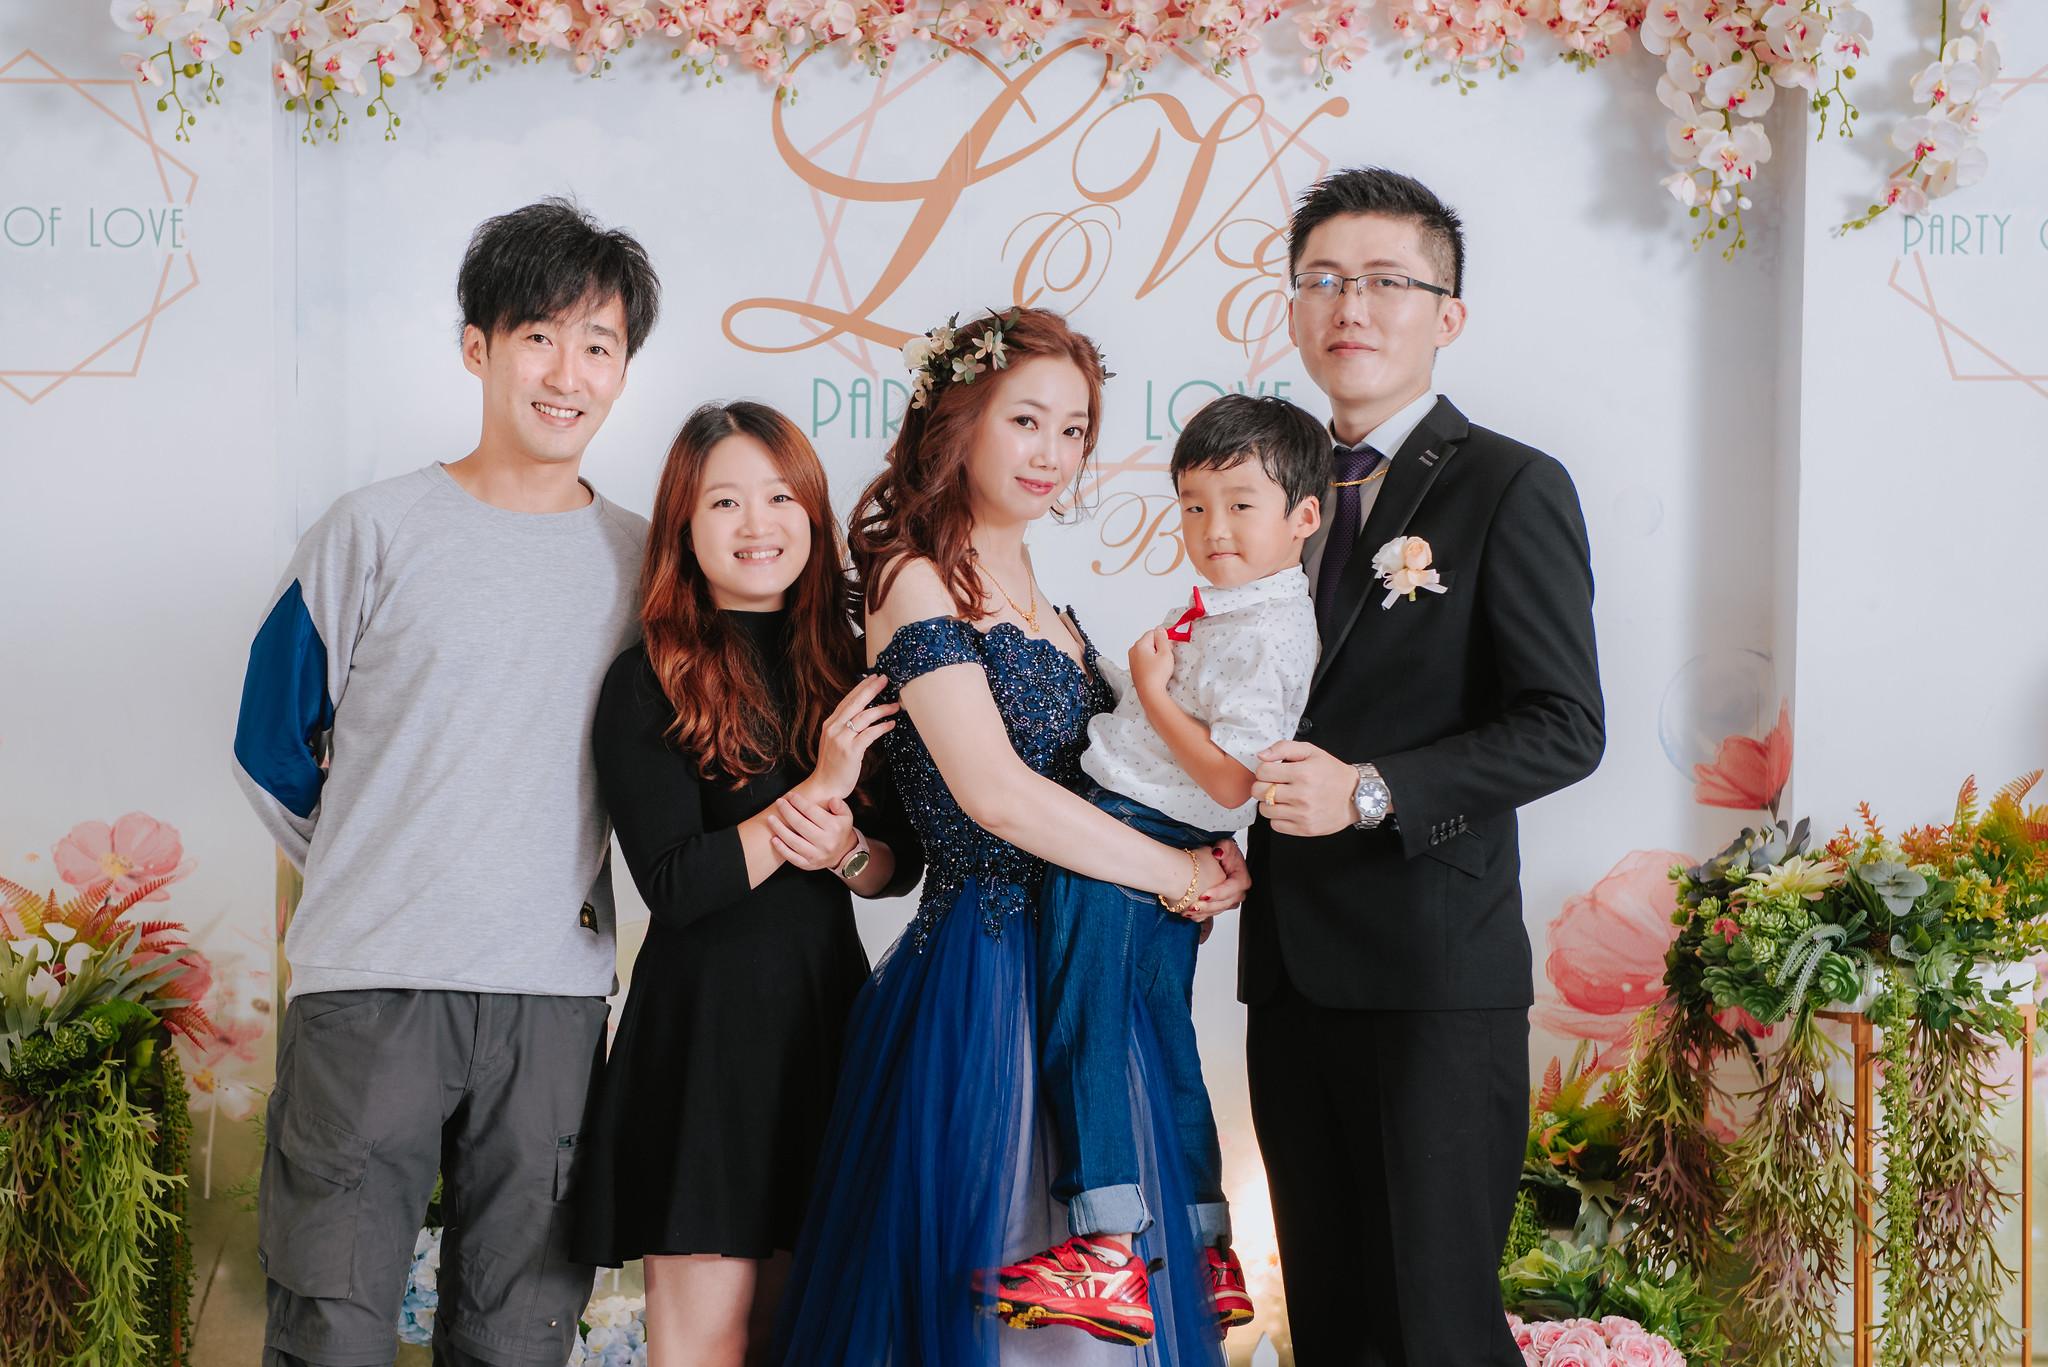 【婚攝合照搶先看】崧甫&巧甄|婚禮攝影|桃園綠光 婚攝推薦15